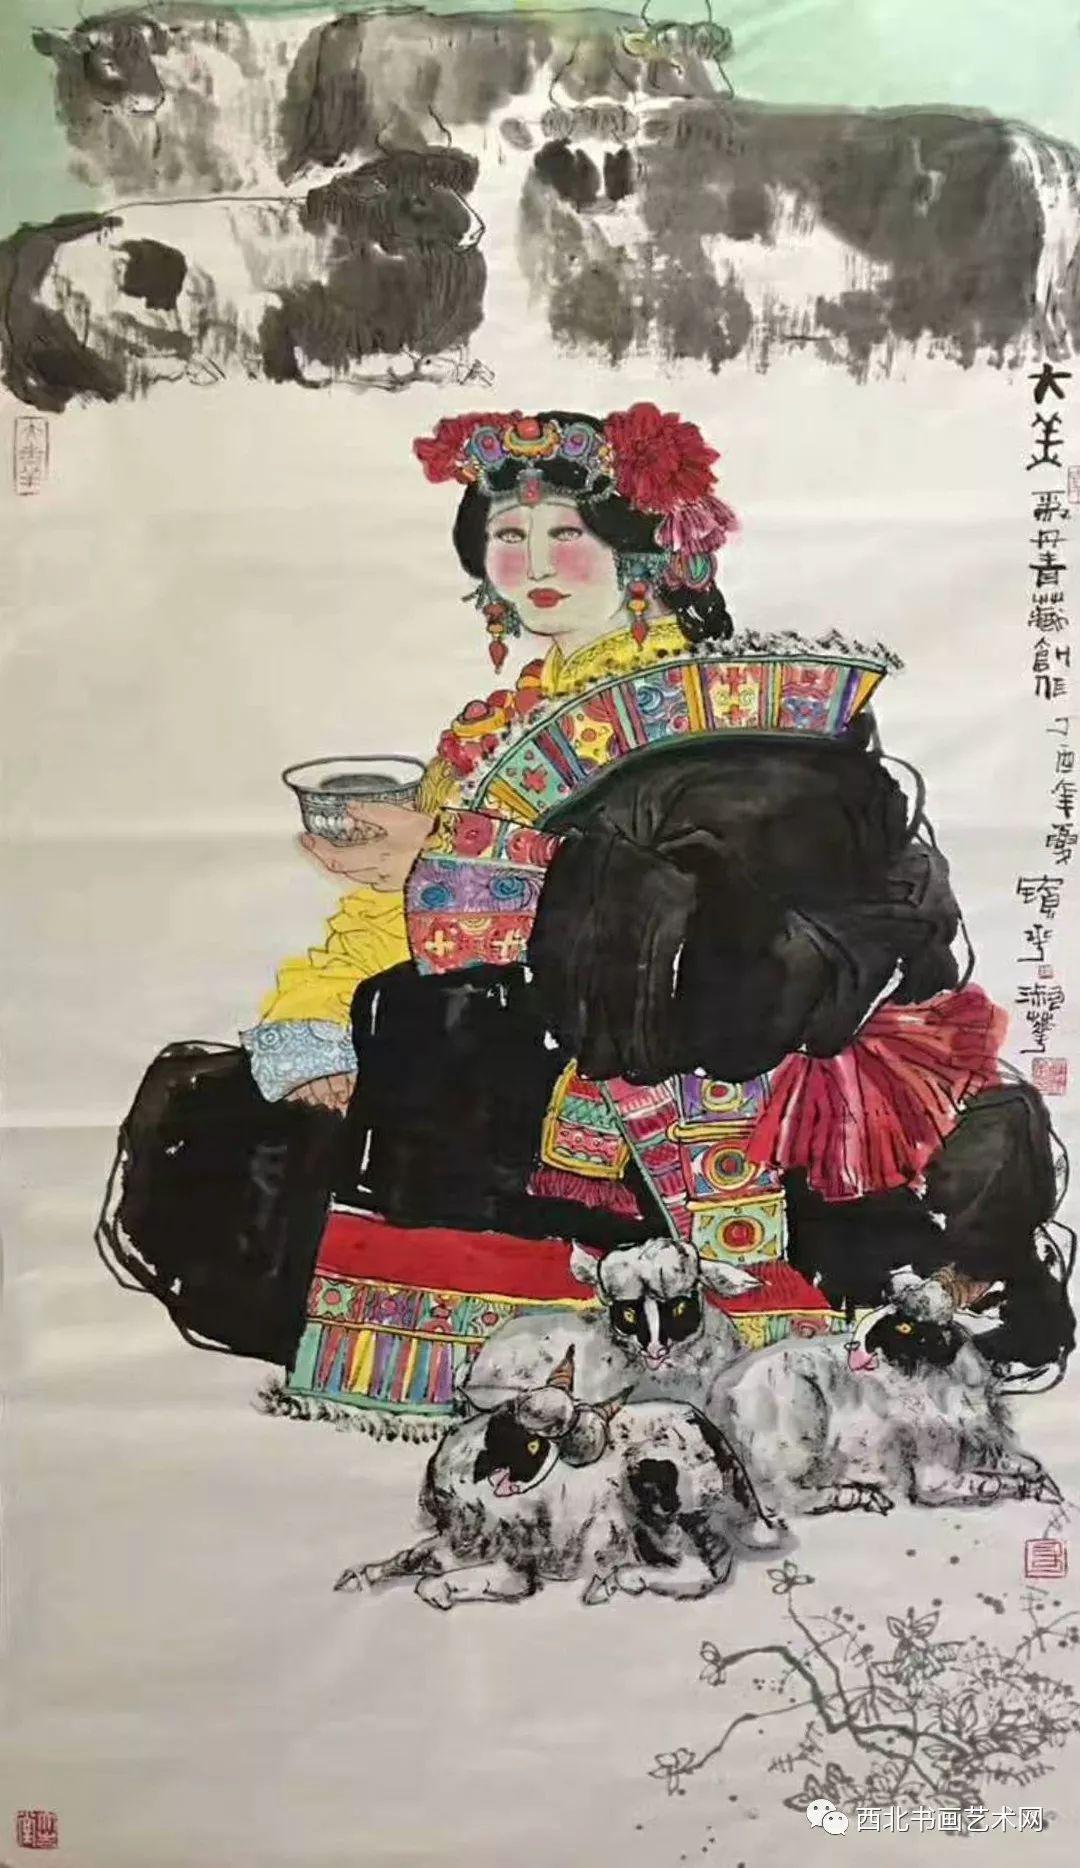 西北书画艺术网向您推荐:著名画家刘宝平 第22张